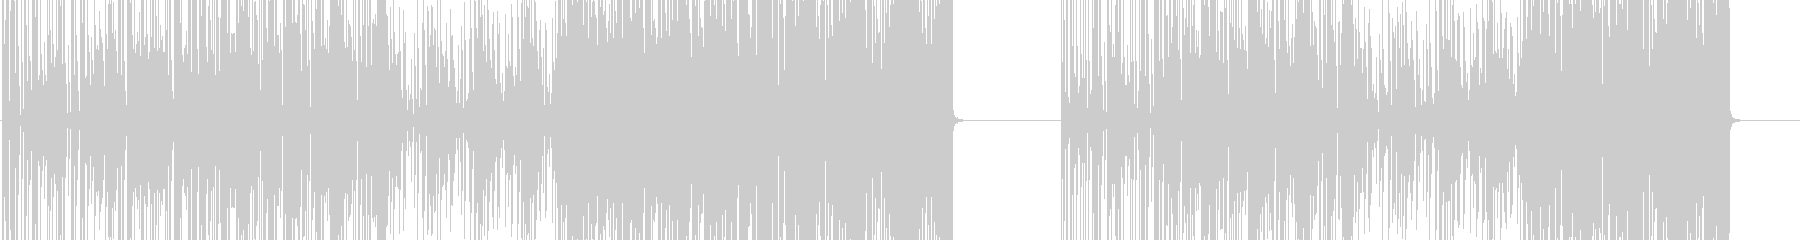 ファンク R&B アクティブ 明る...の未再生の波形